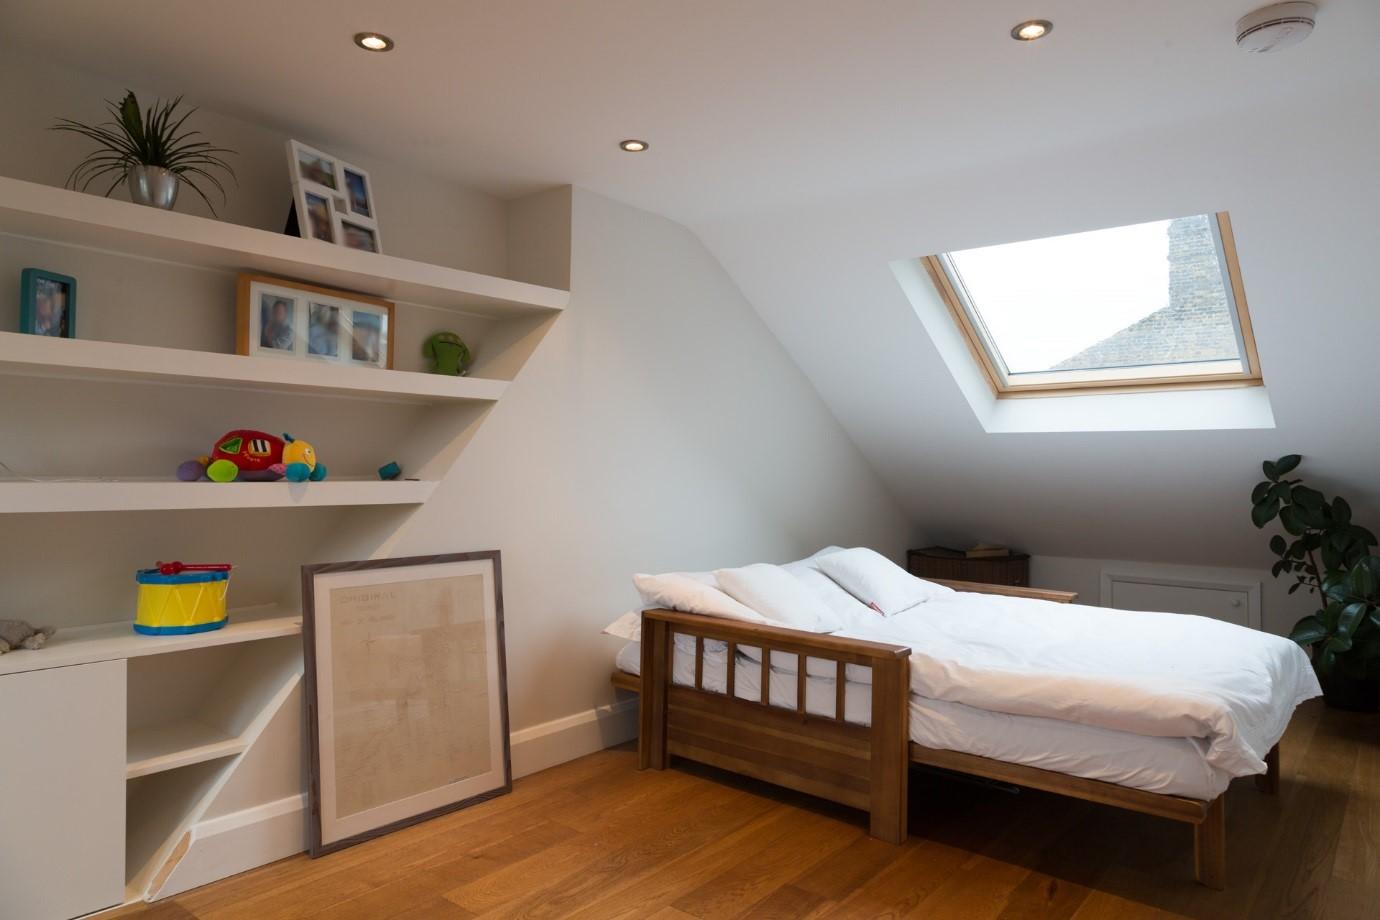 dormer loft bedroom ideas